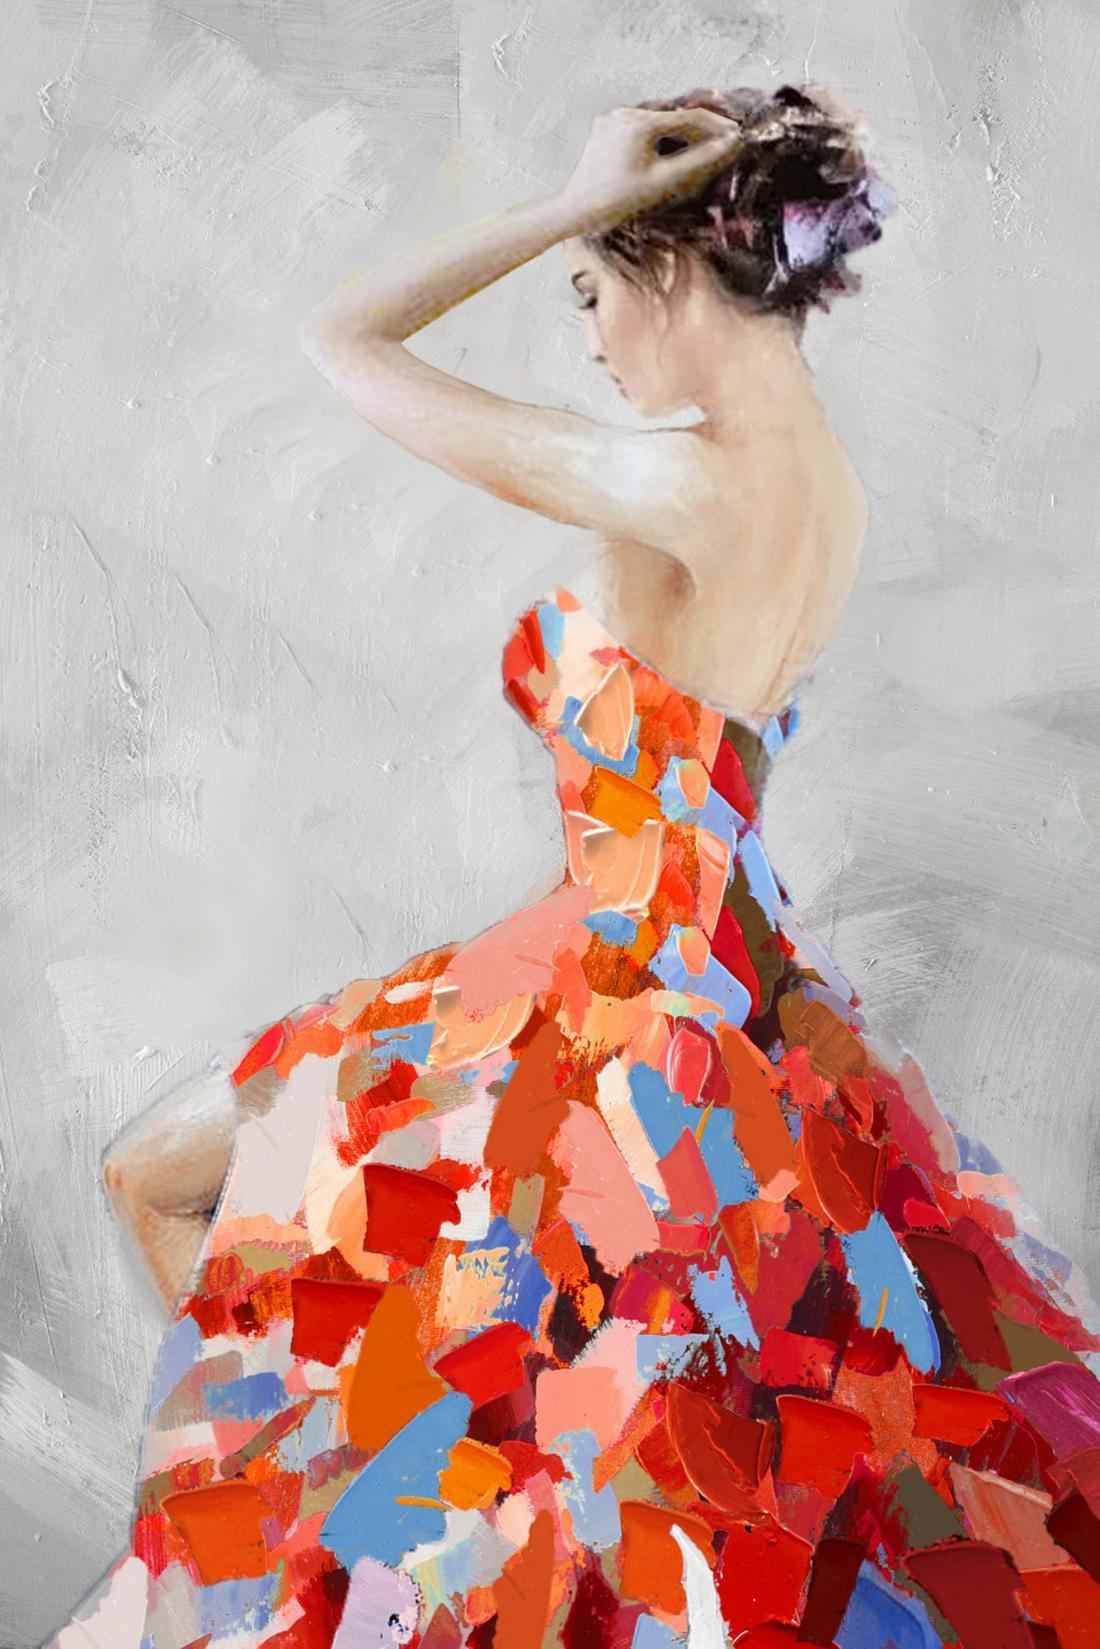 Schilderij vrouw met jurk 74x100